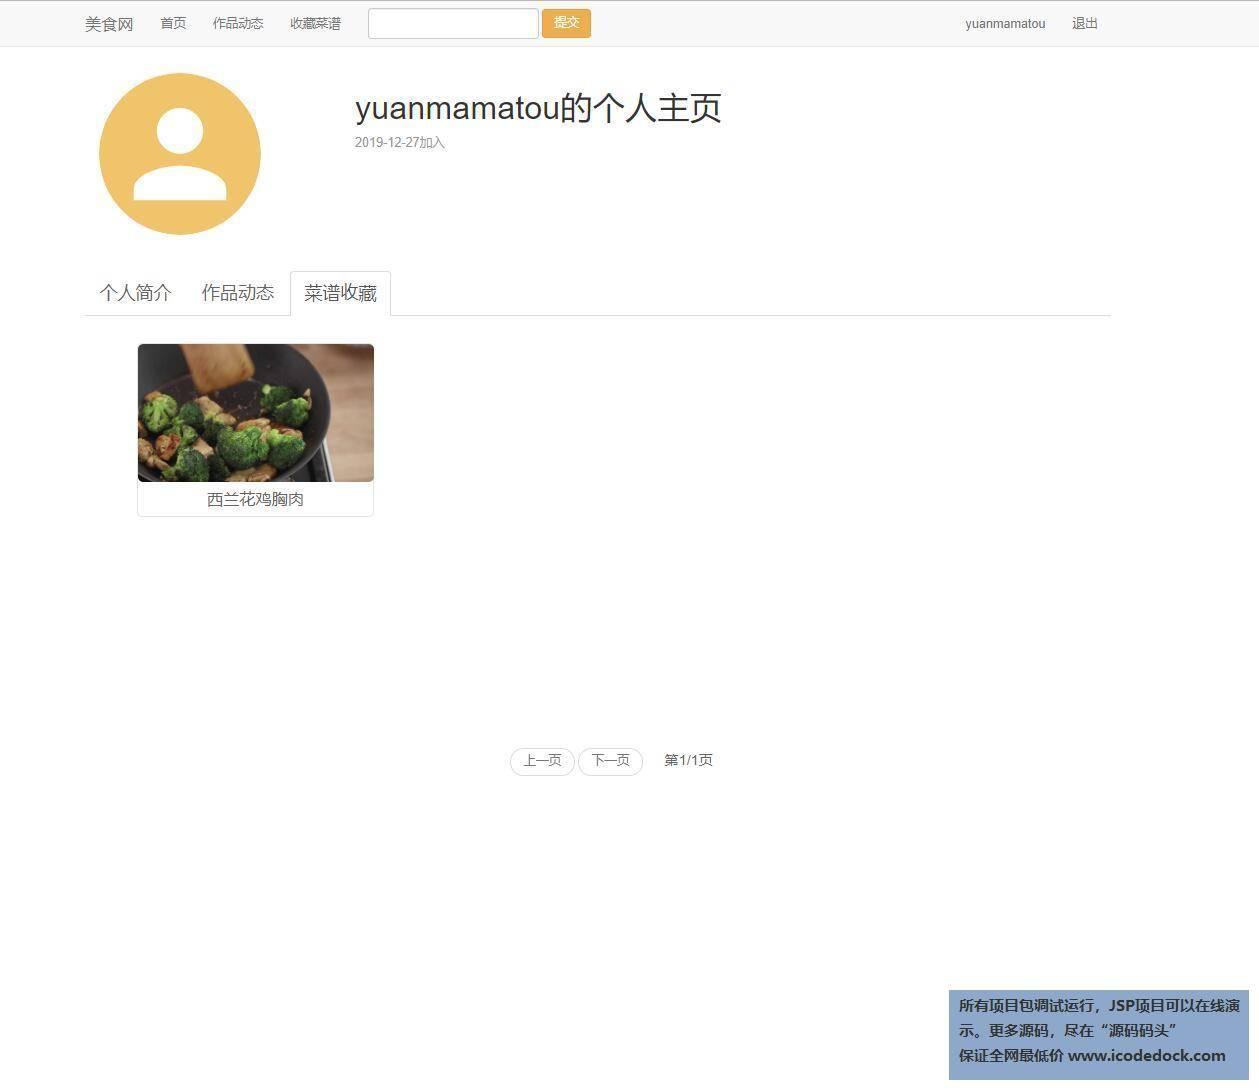 源码码头-JSP美食菜谱分享系统-用户角色-查看我的收藏